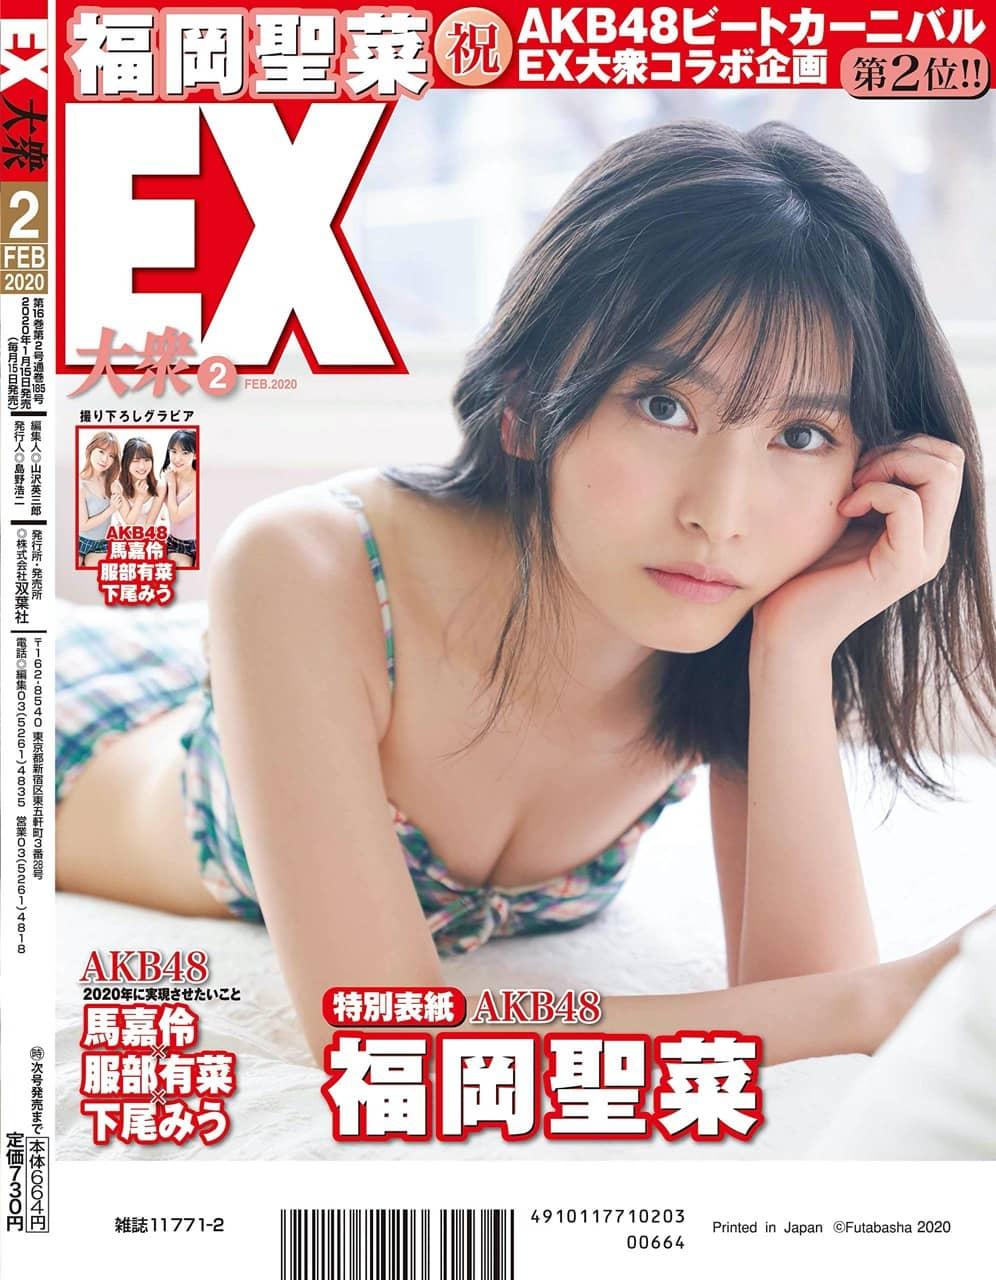 AKB48 福岡聖菜が裏表紙に登場「EX大衆 2020年2月号」1/15発売!